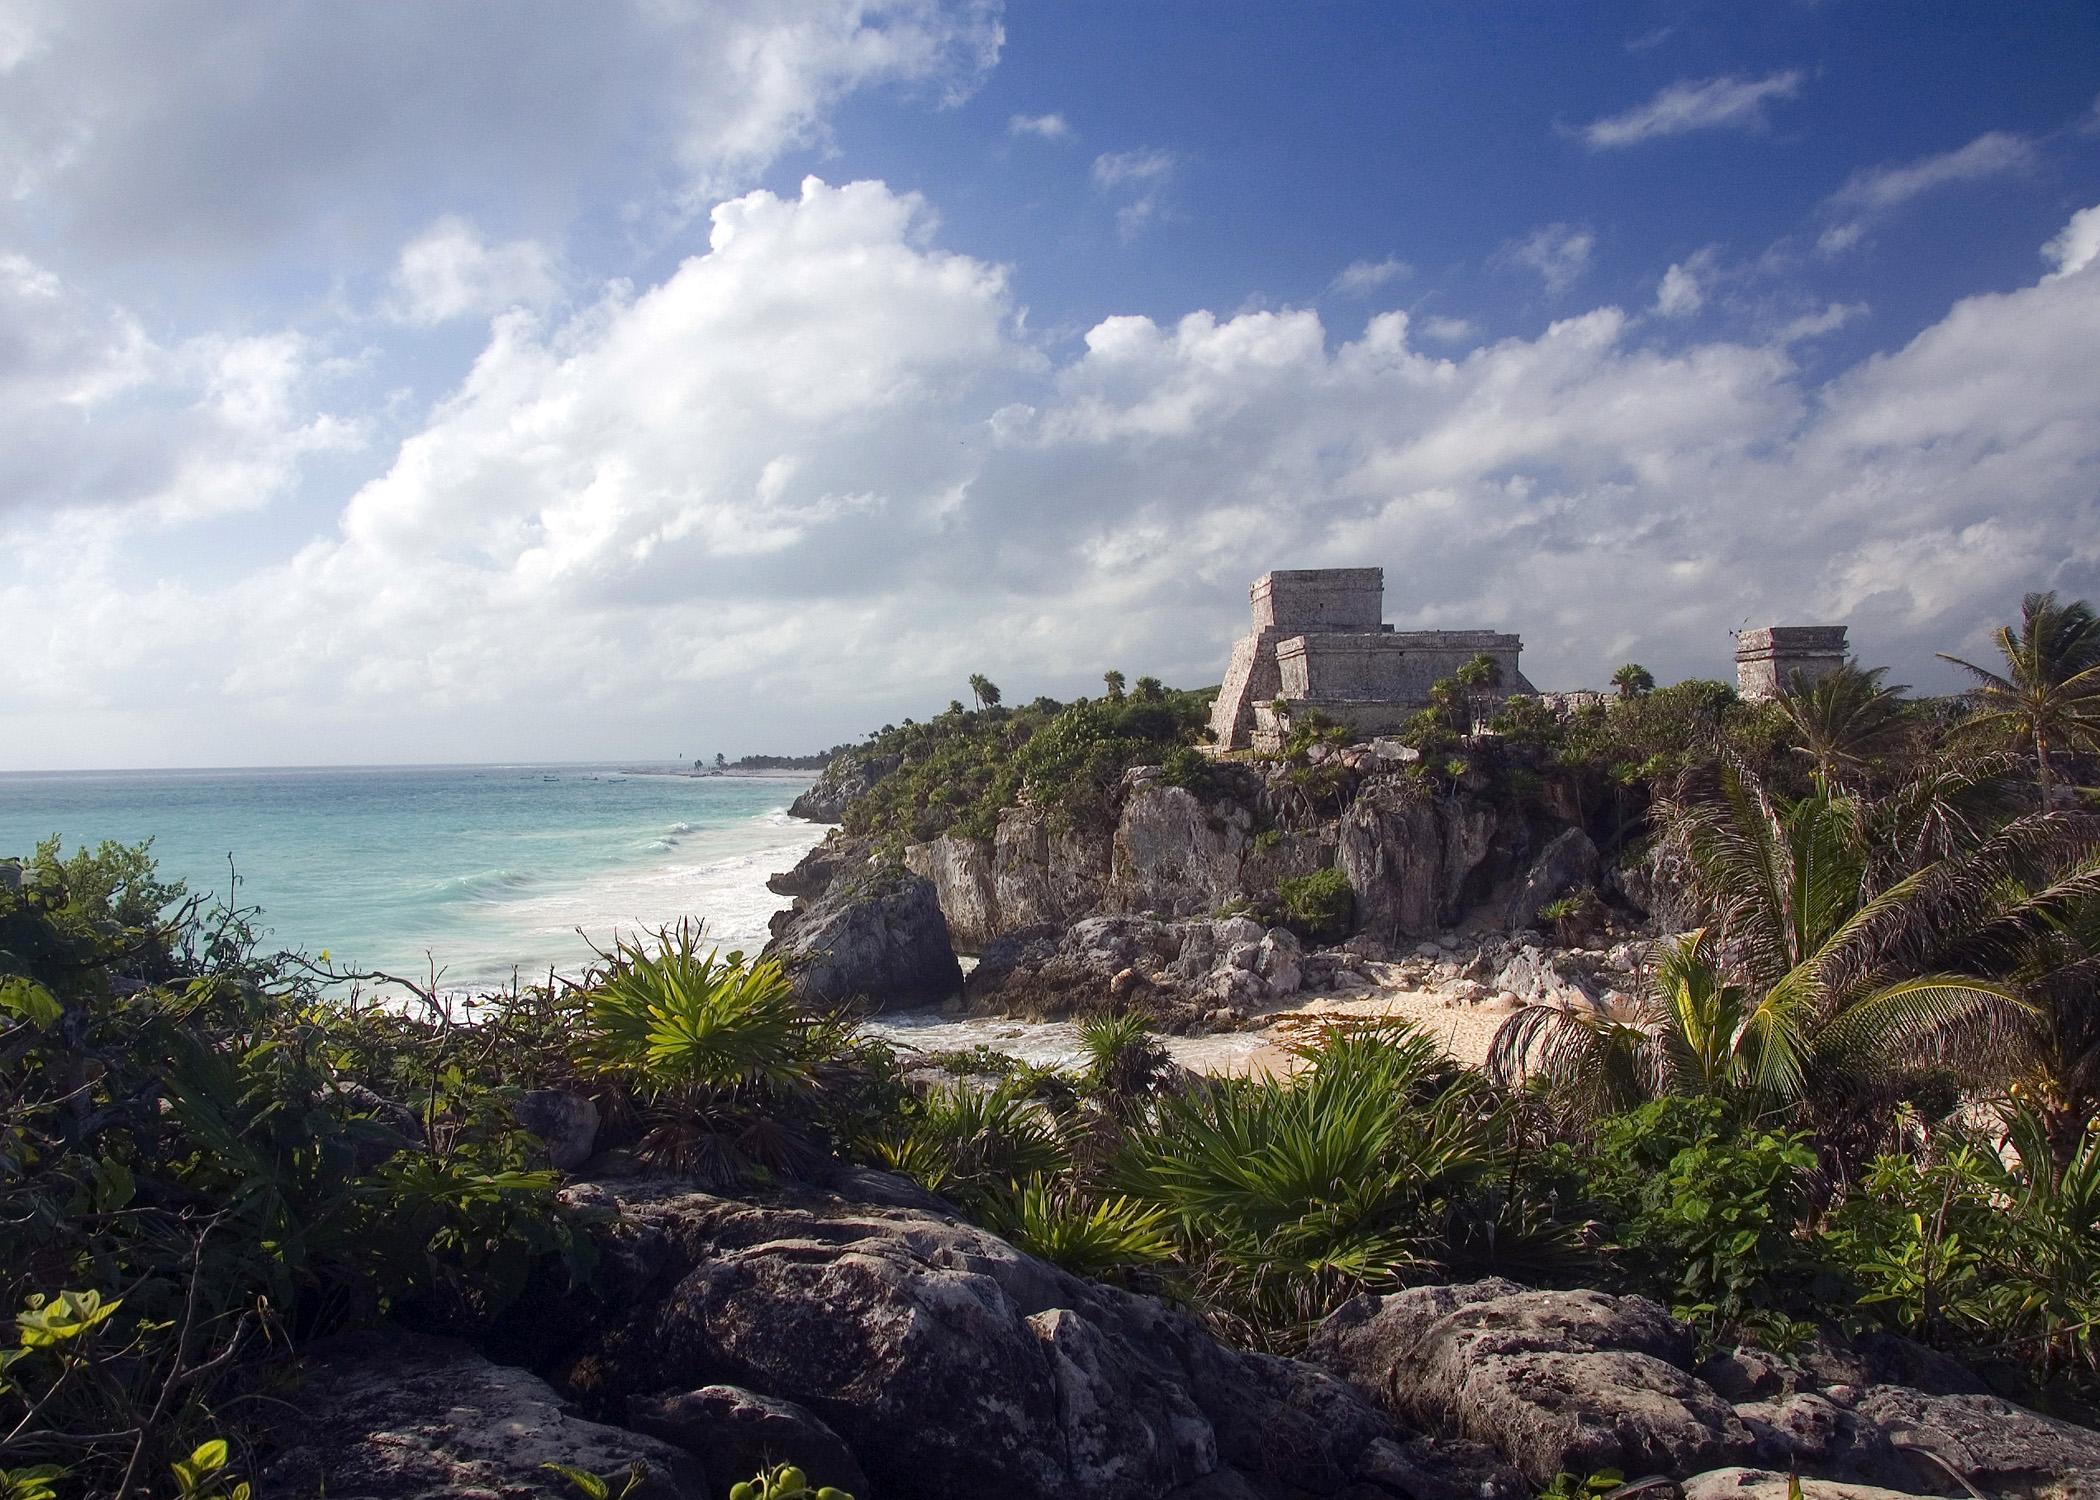 El Castillo on the Water